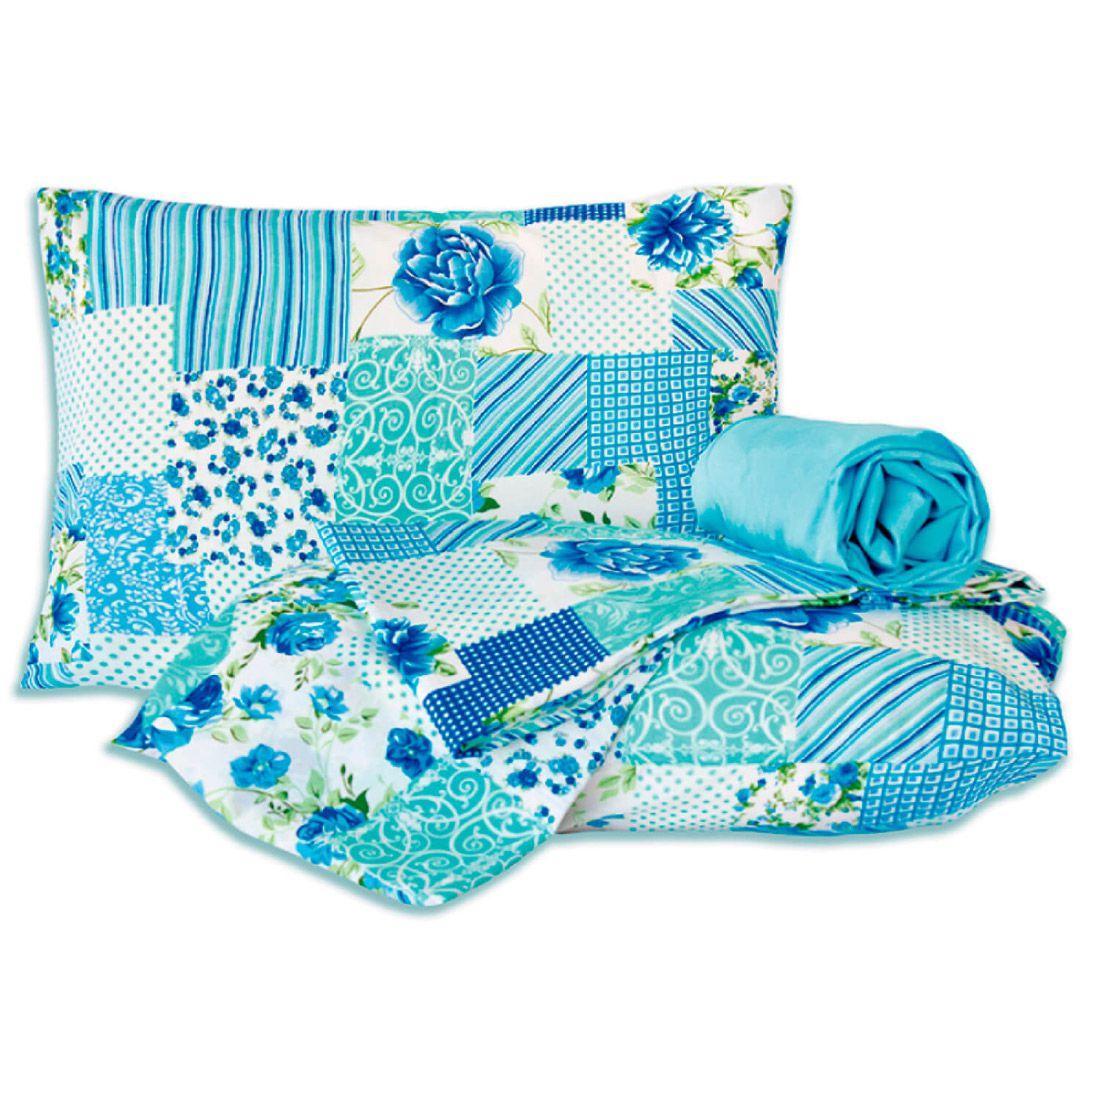 Jogo de Cama Standard Patchwork Azul Casal Padrão 160 Fios 04 Peças